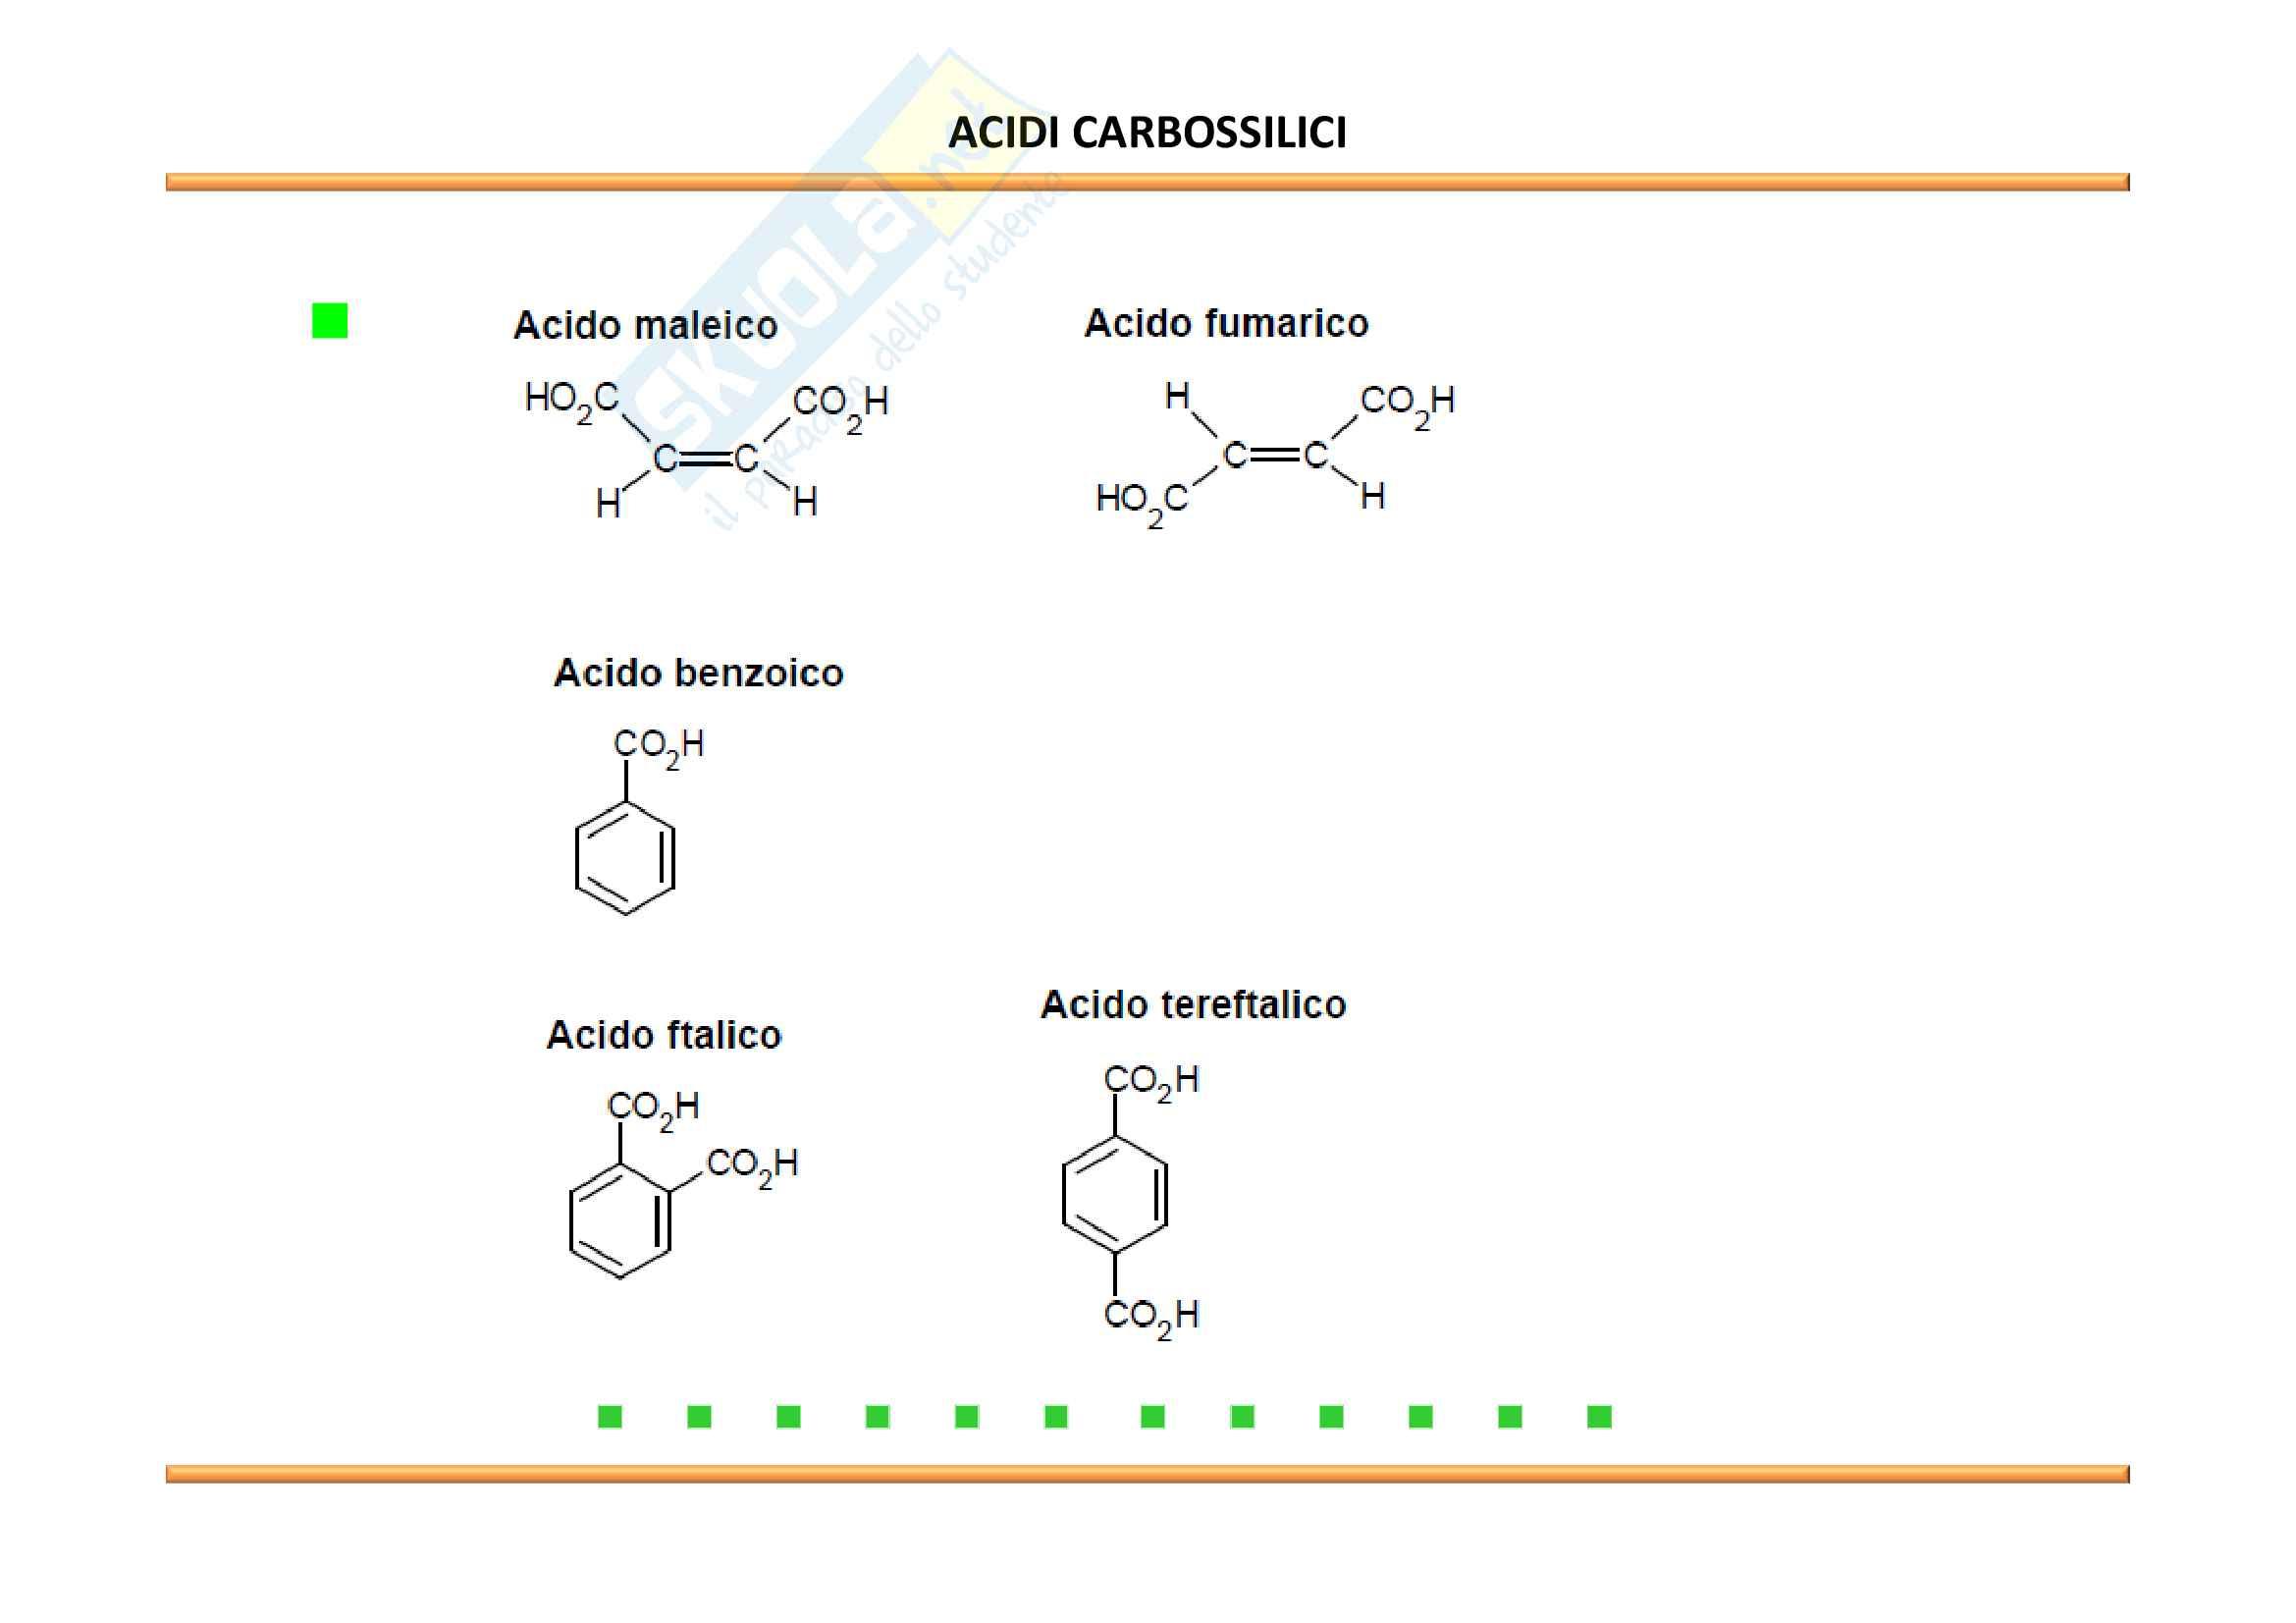 Chimica Organica: Acidi carbossilici e derivati Pag. 6